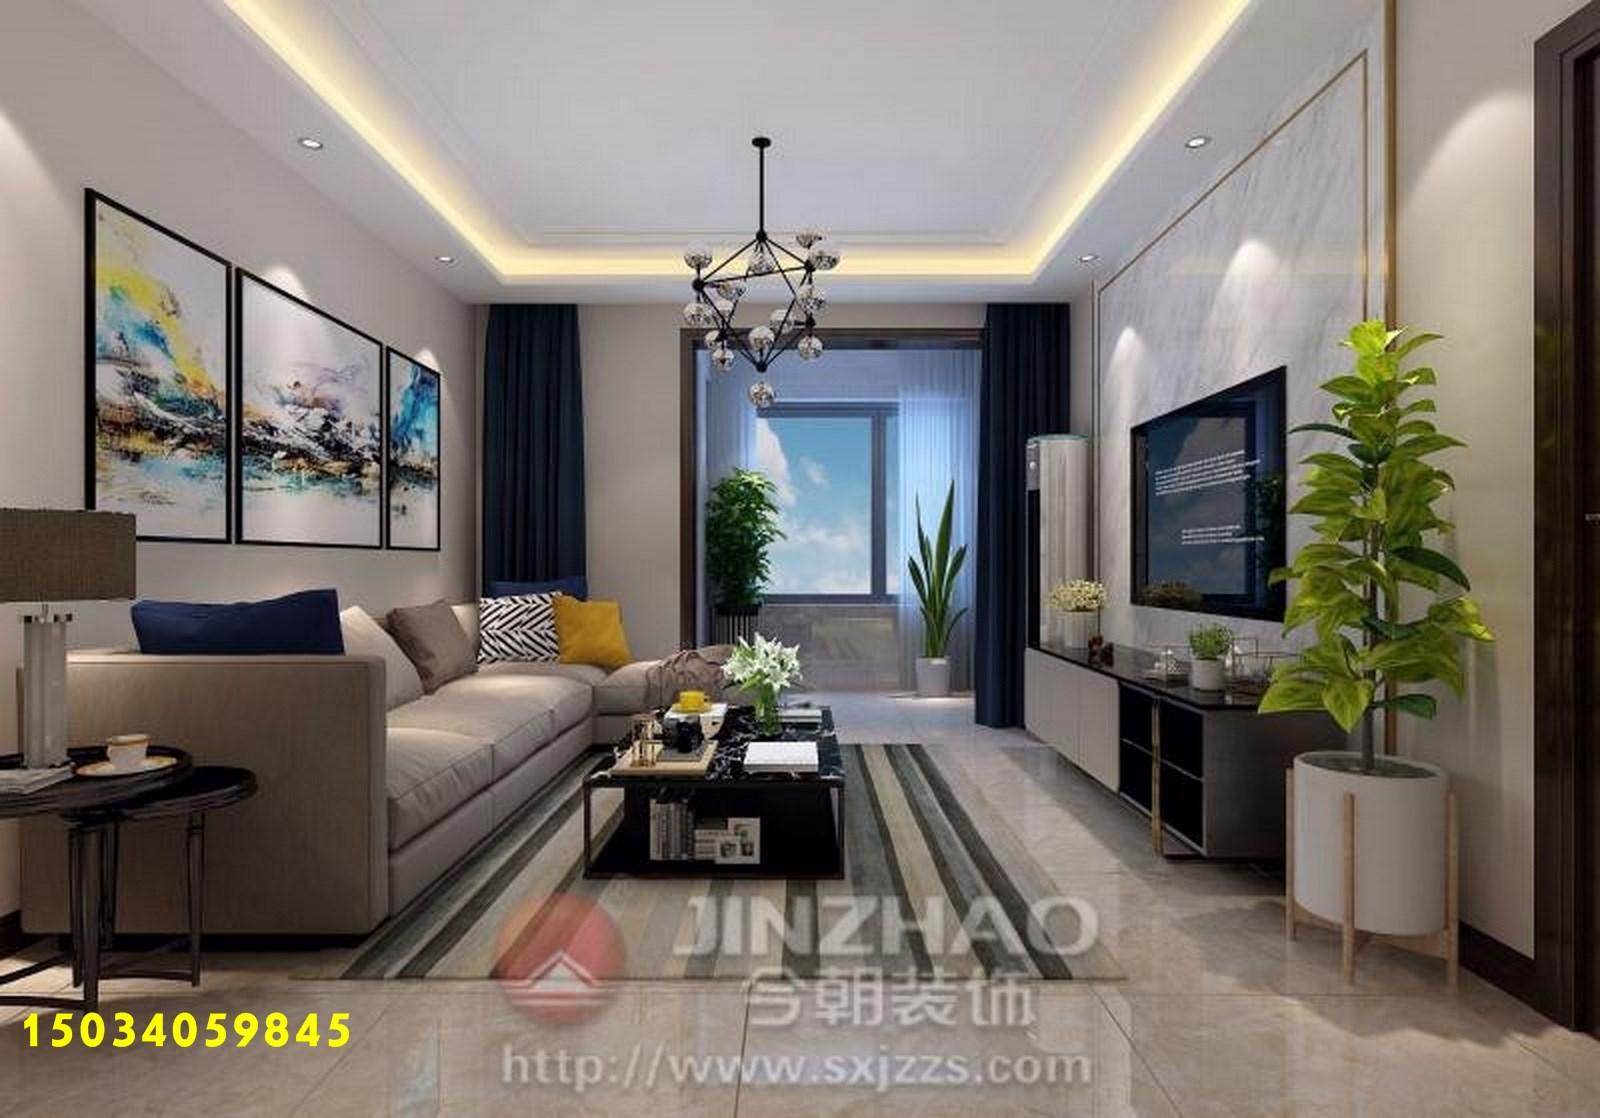 二居 简约图片来自山西今朝装饰在中正锦城95平米装修效果图的分享